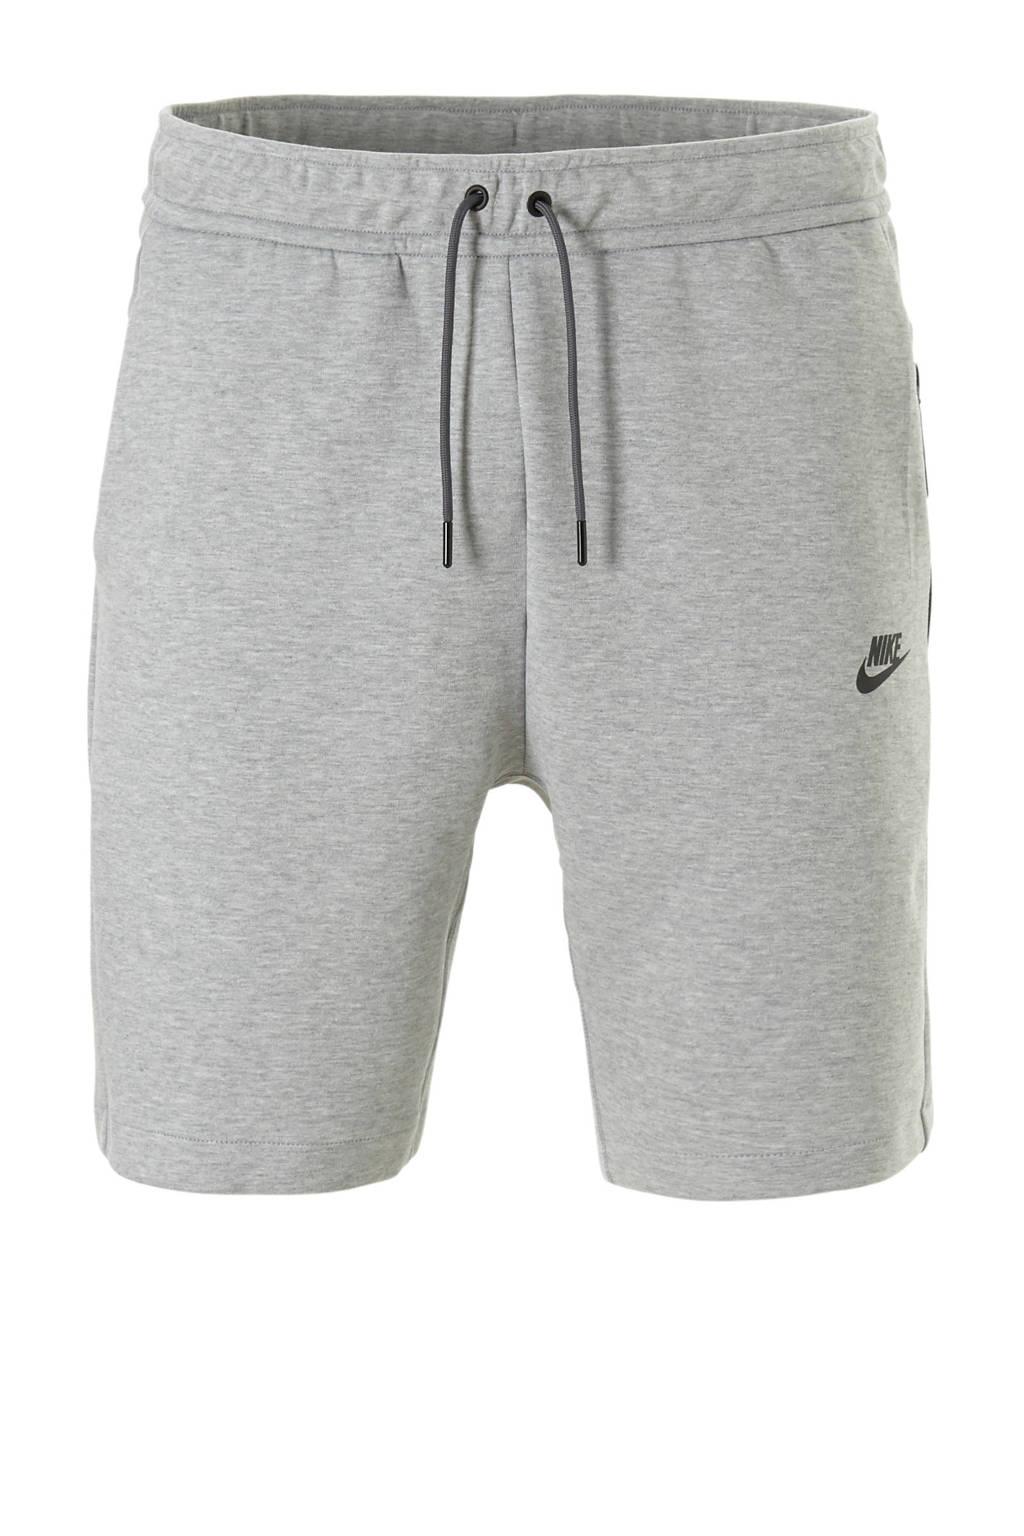 Nike   Tech Fleece short, Grijs